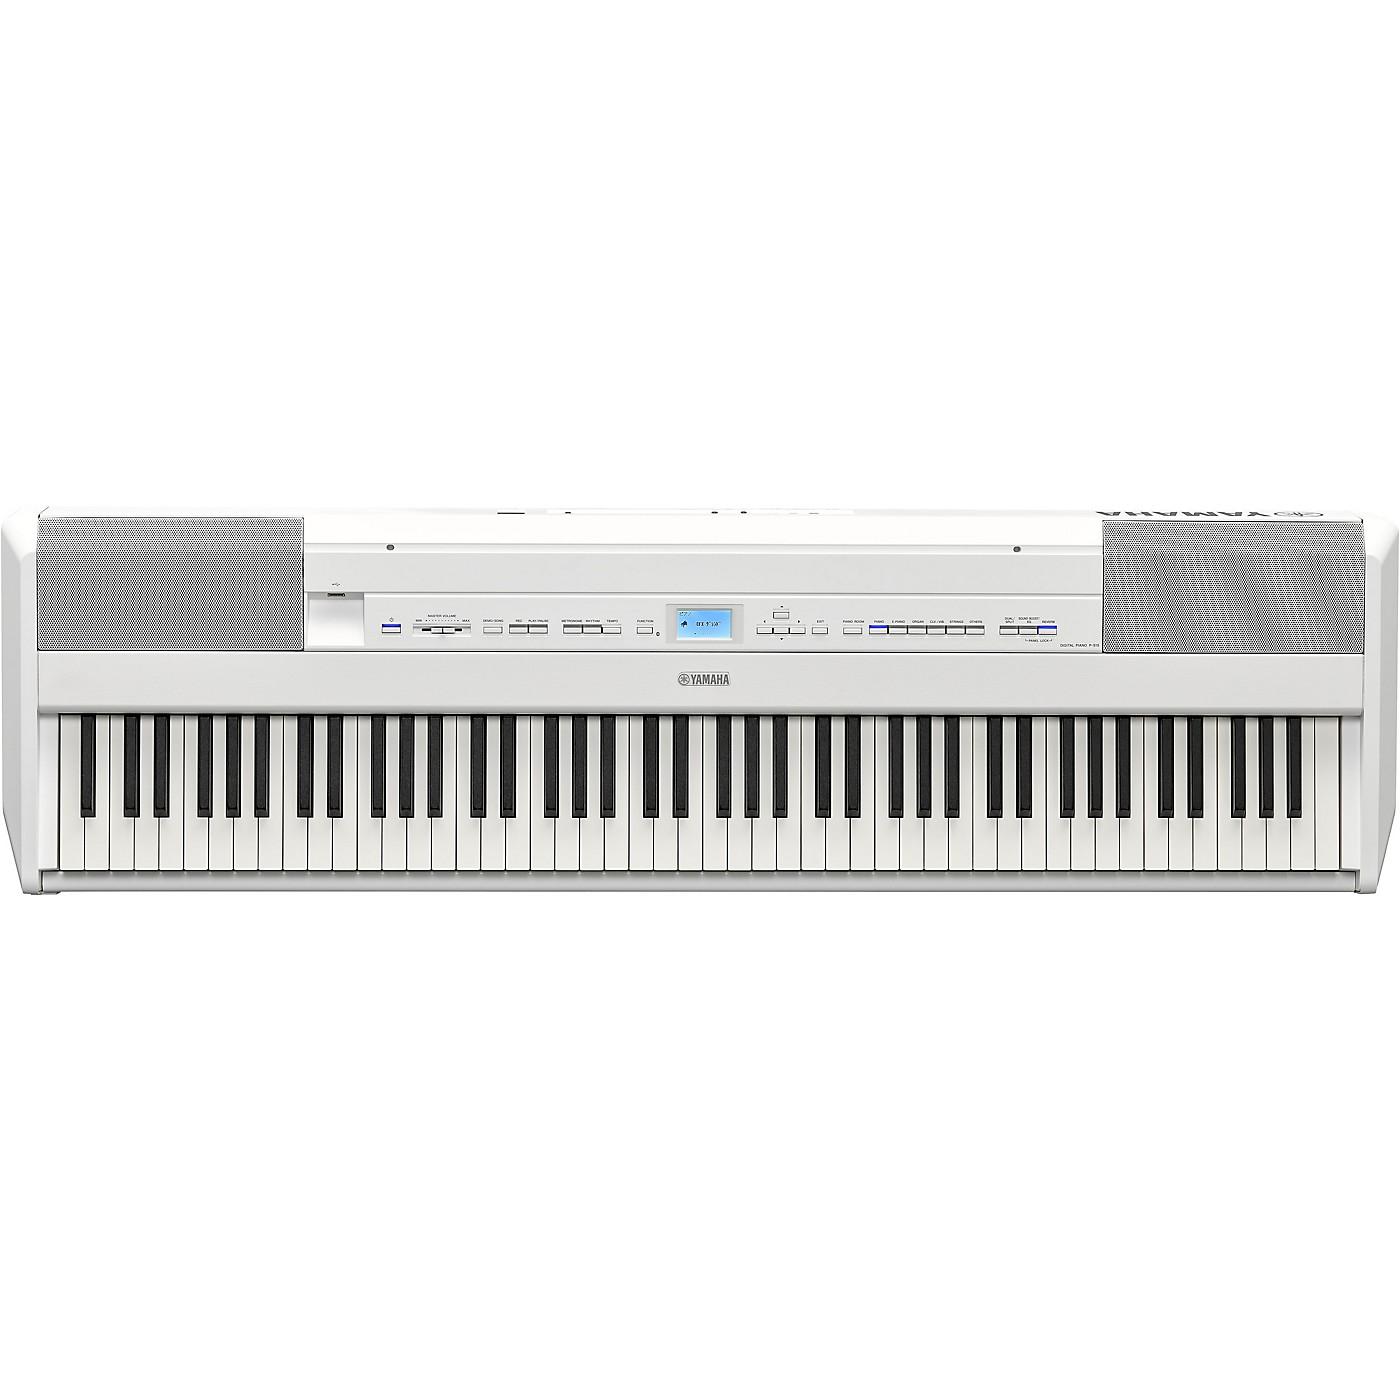 Yamaha P-515 Digital Piano White thumbnail